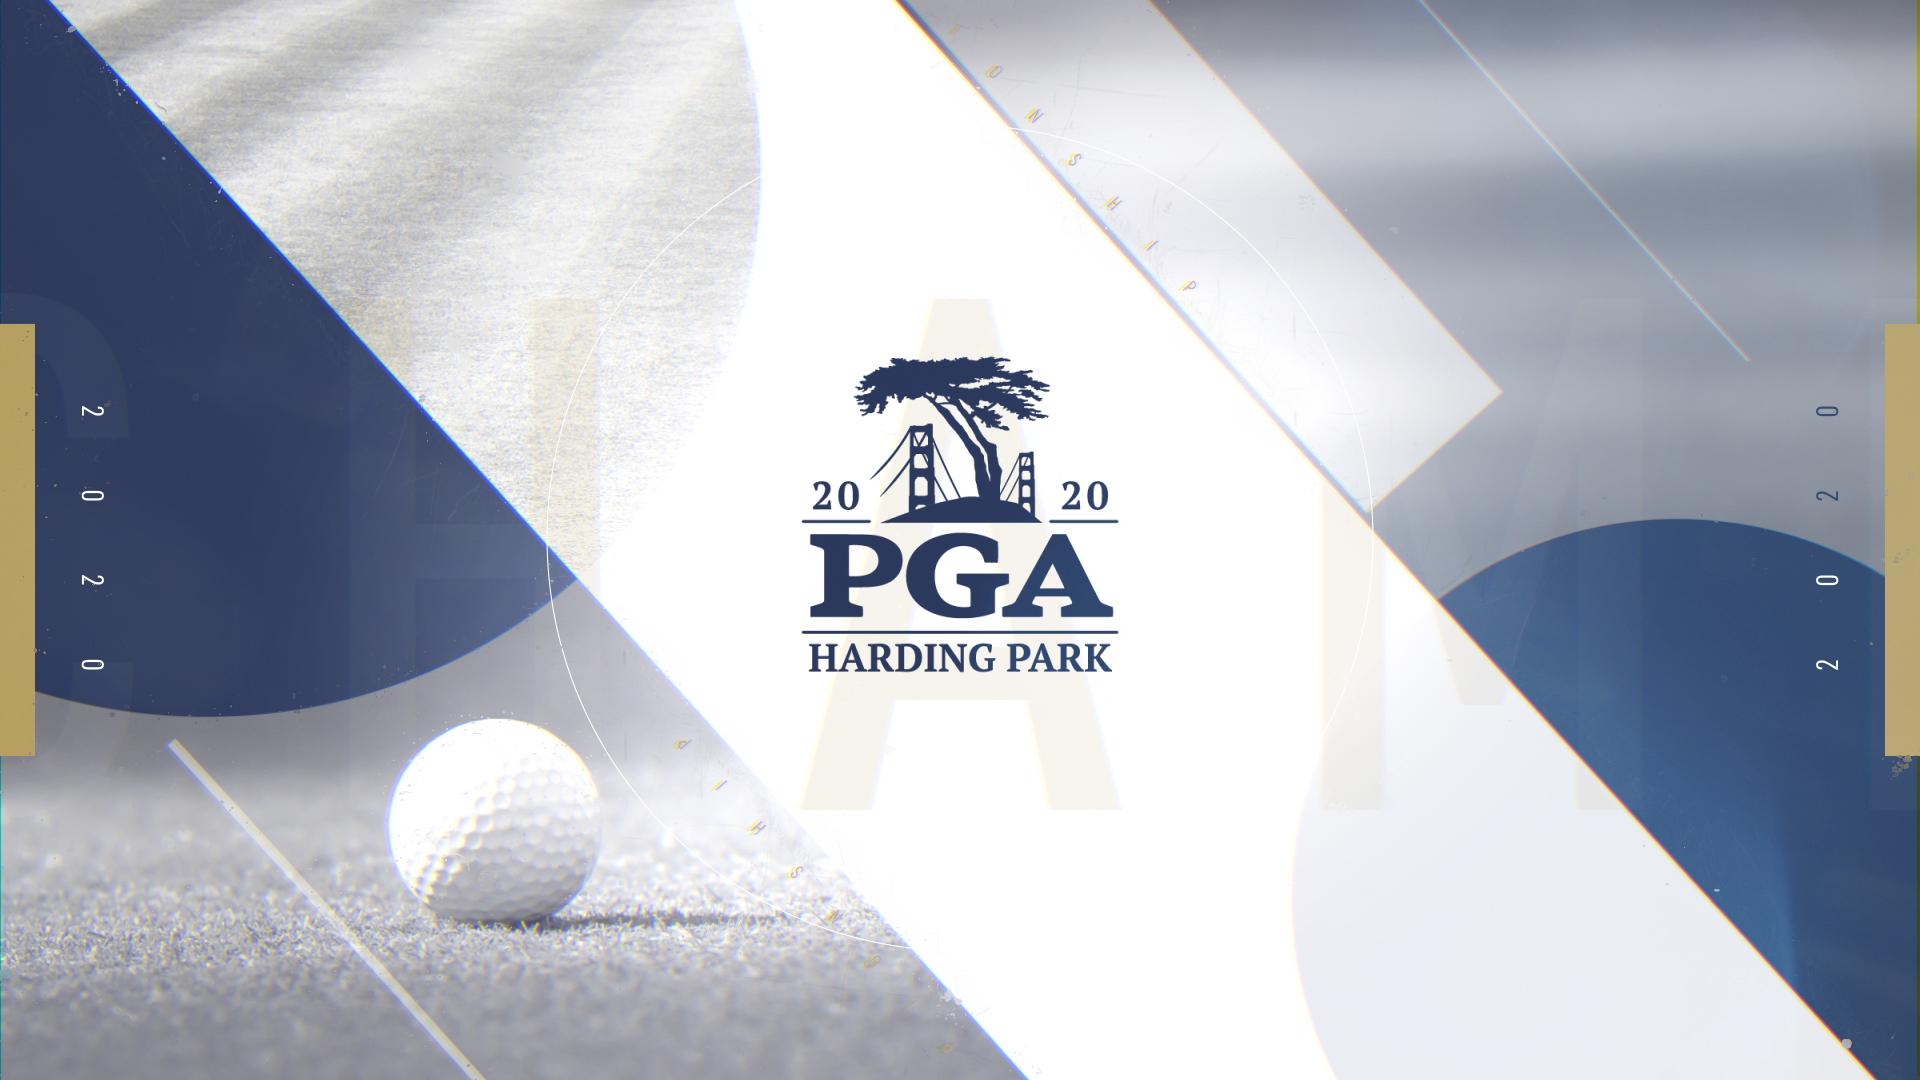 PGA Championship_SF_ALT_02 V2